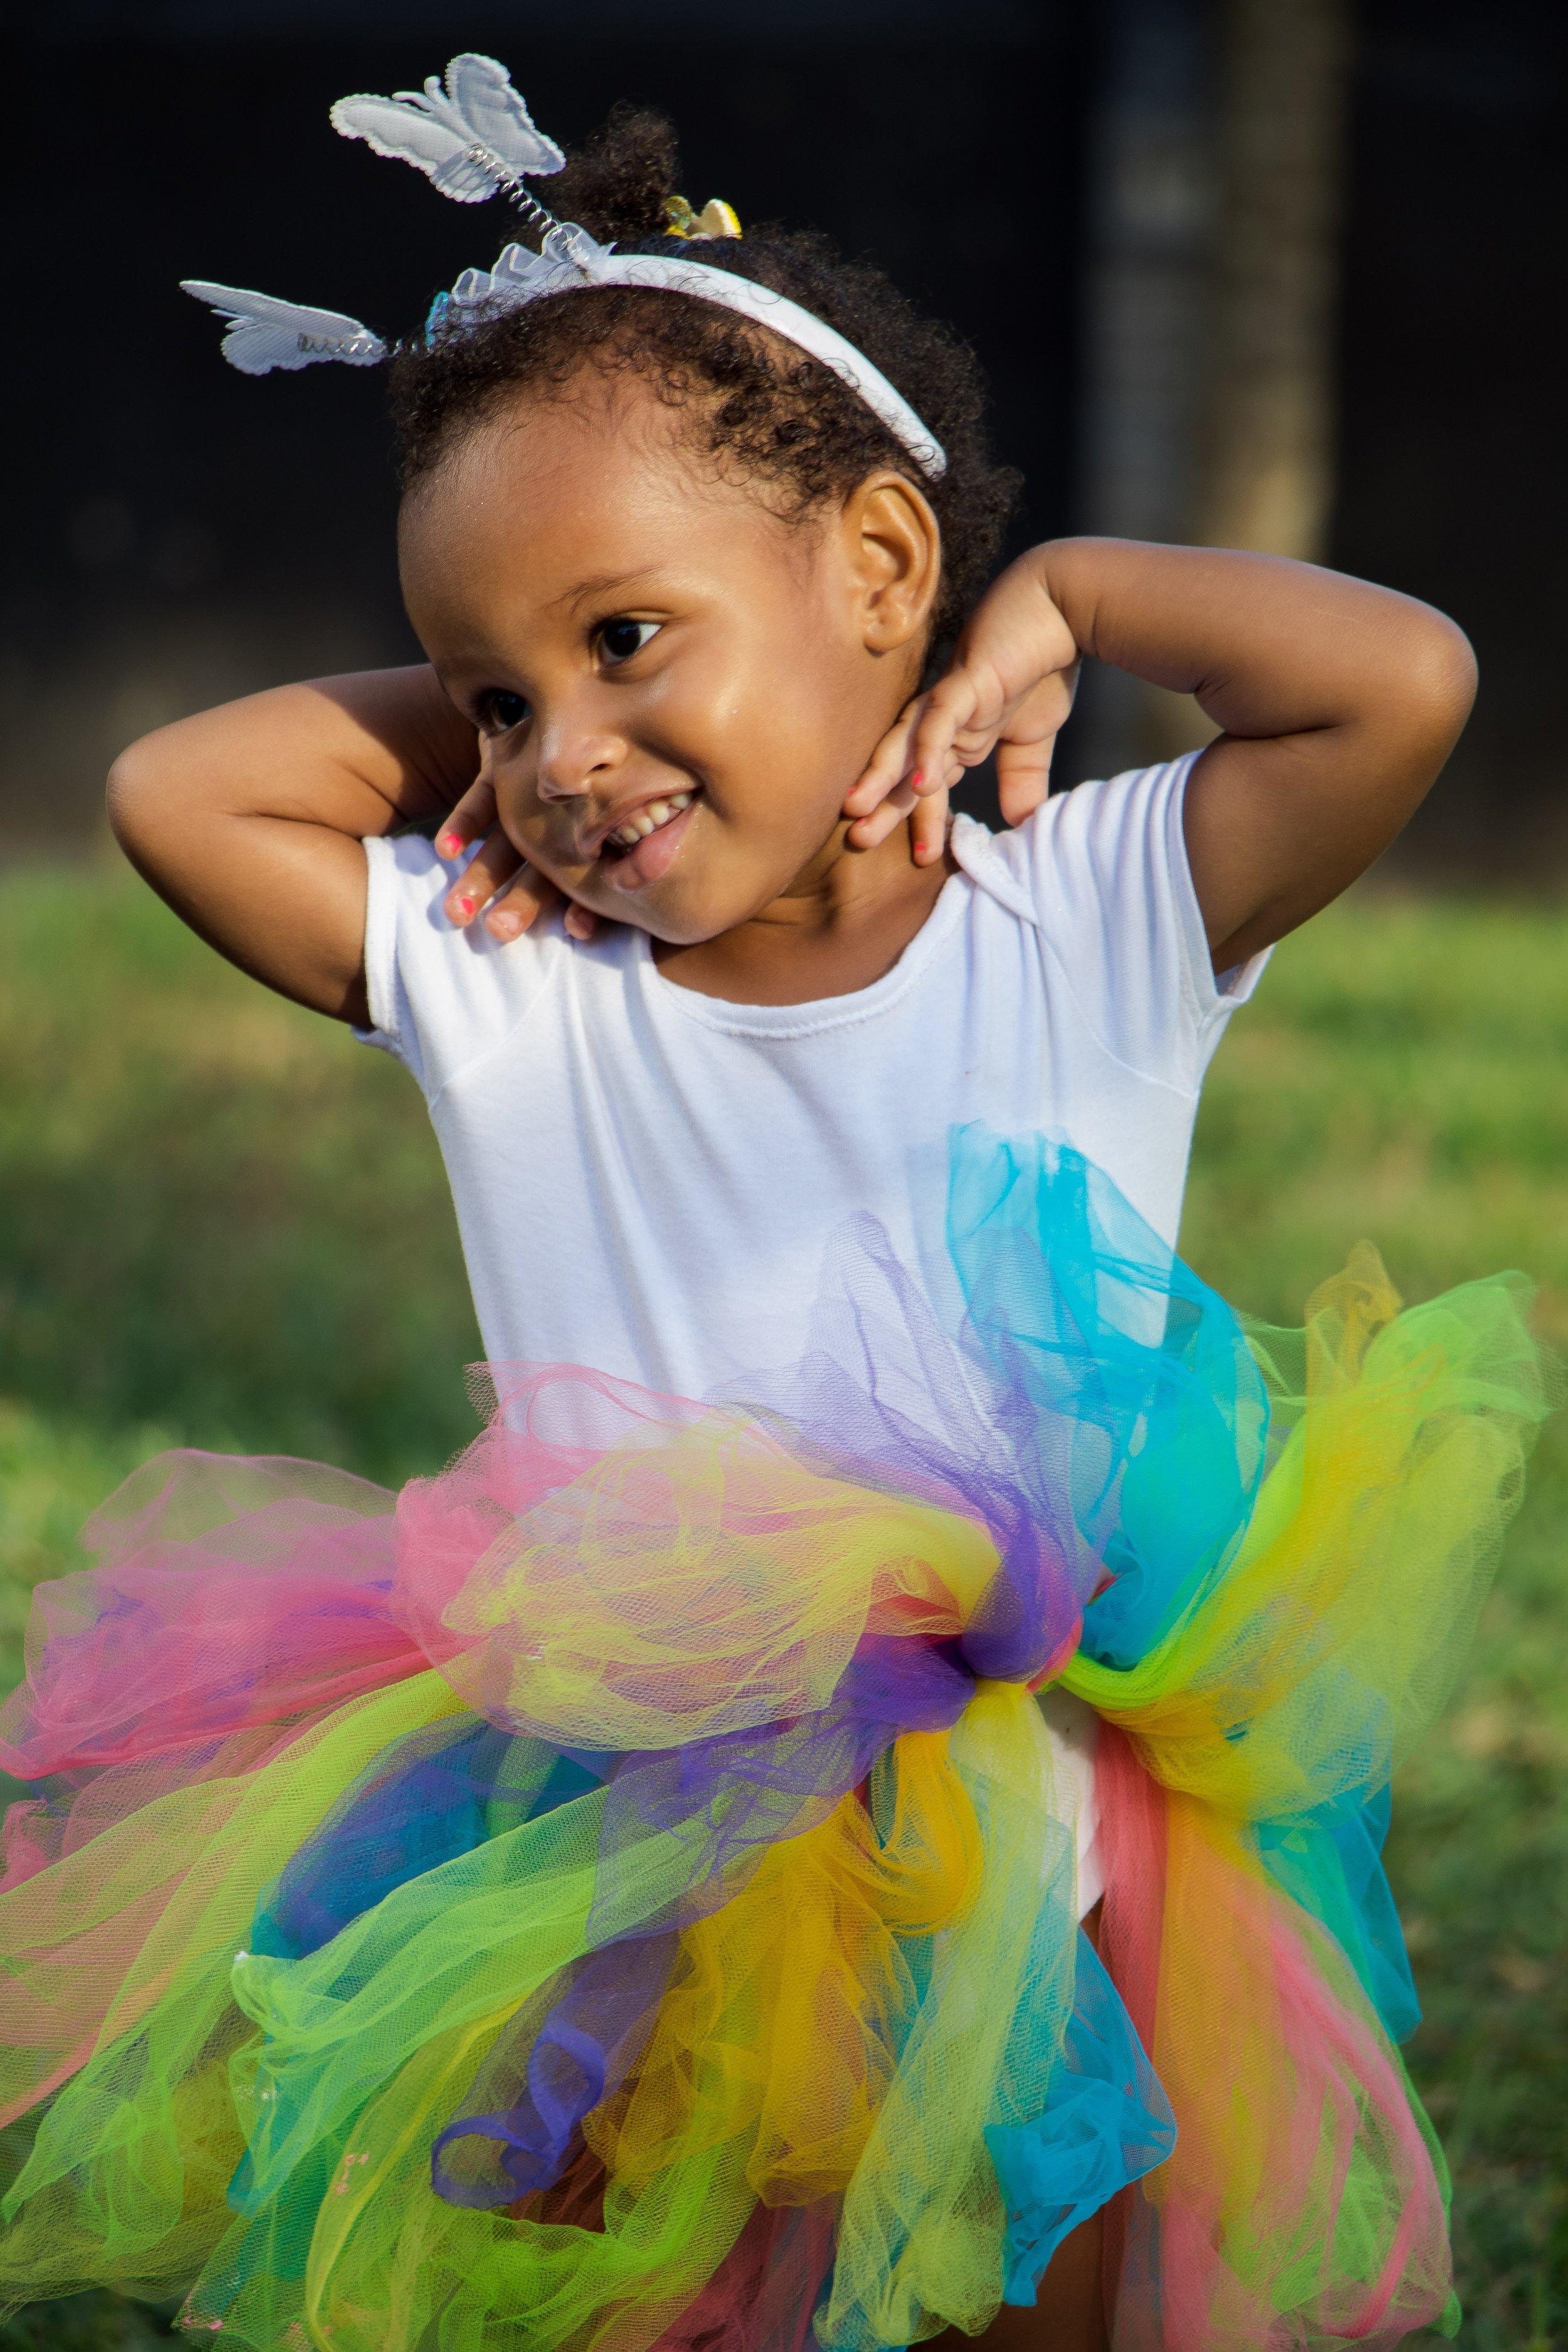 baby-beautiful-girl-child-2351856.jpg